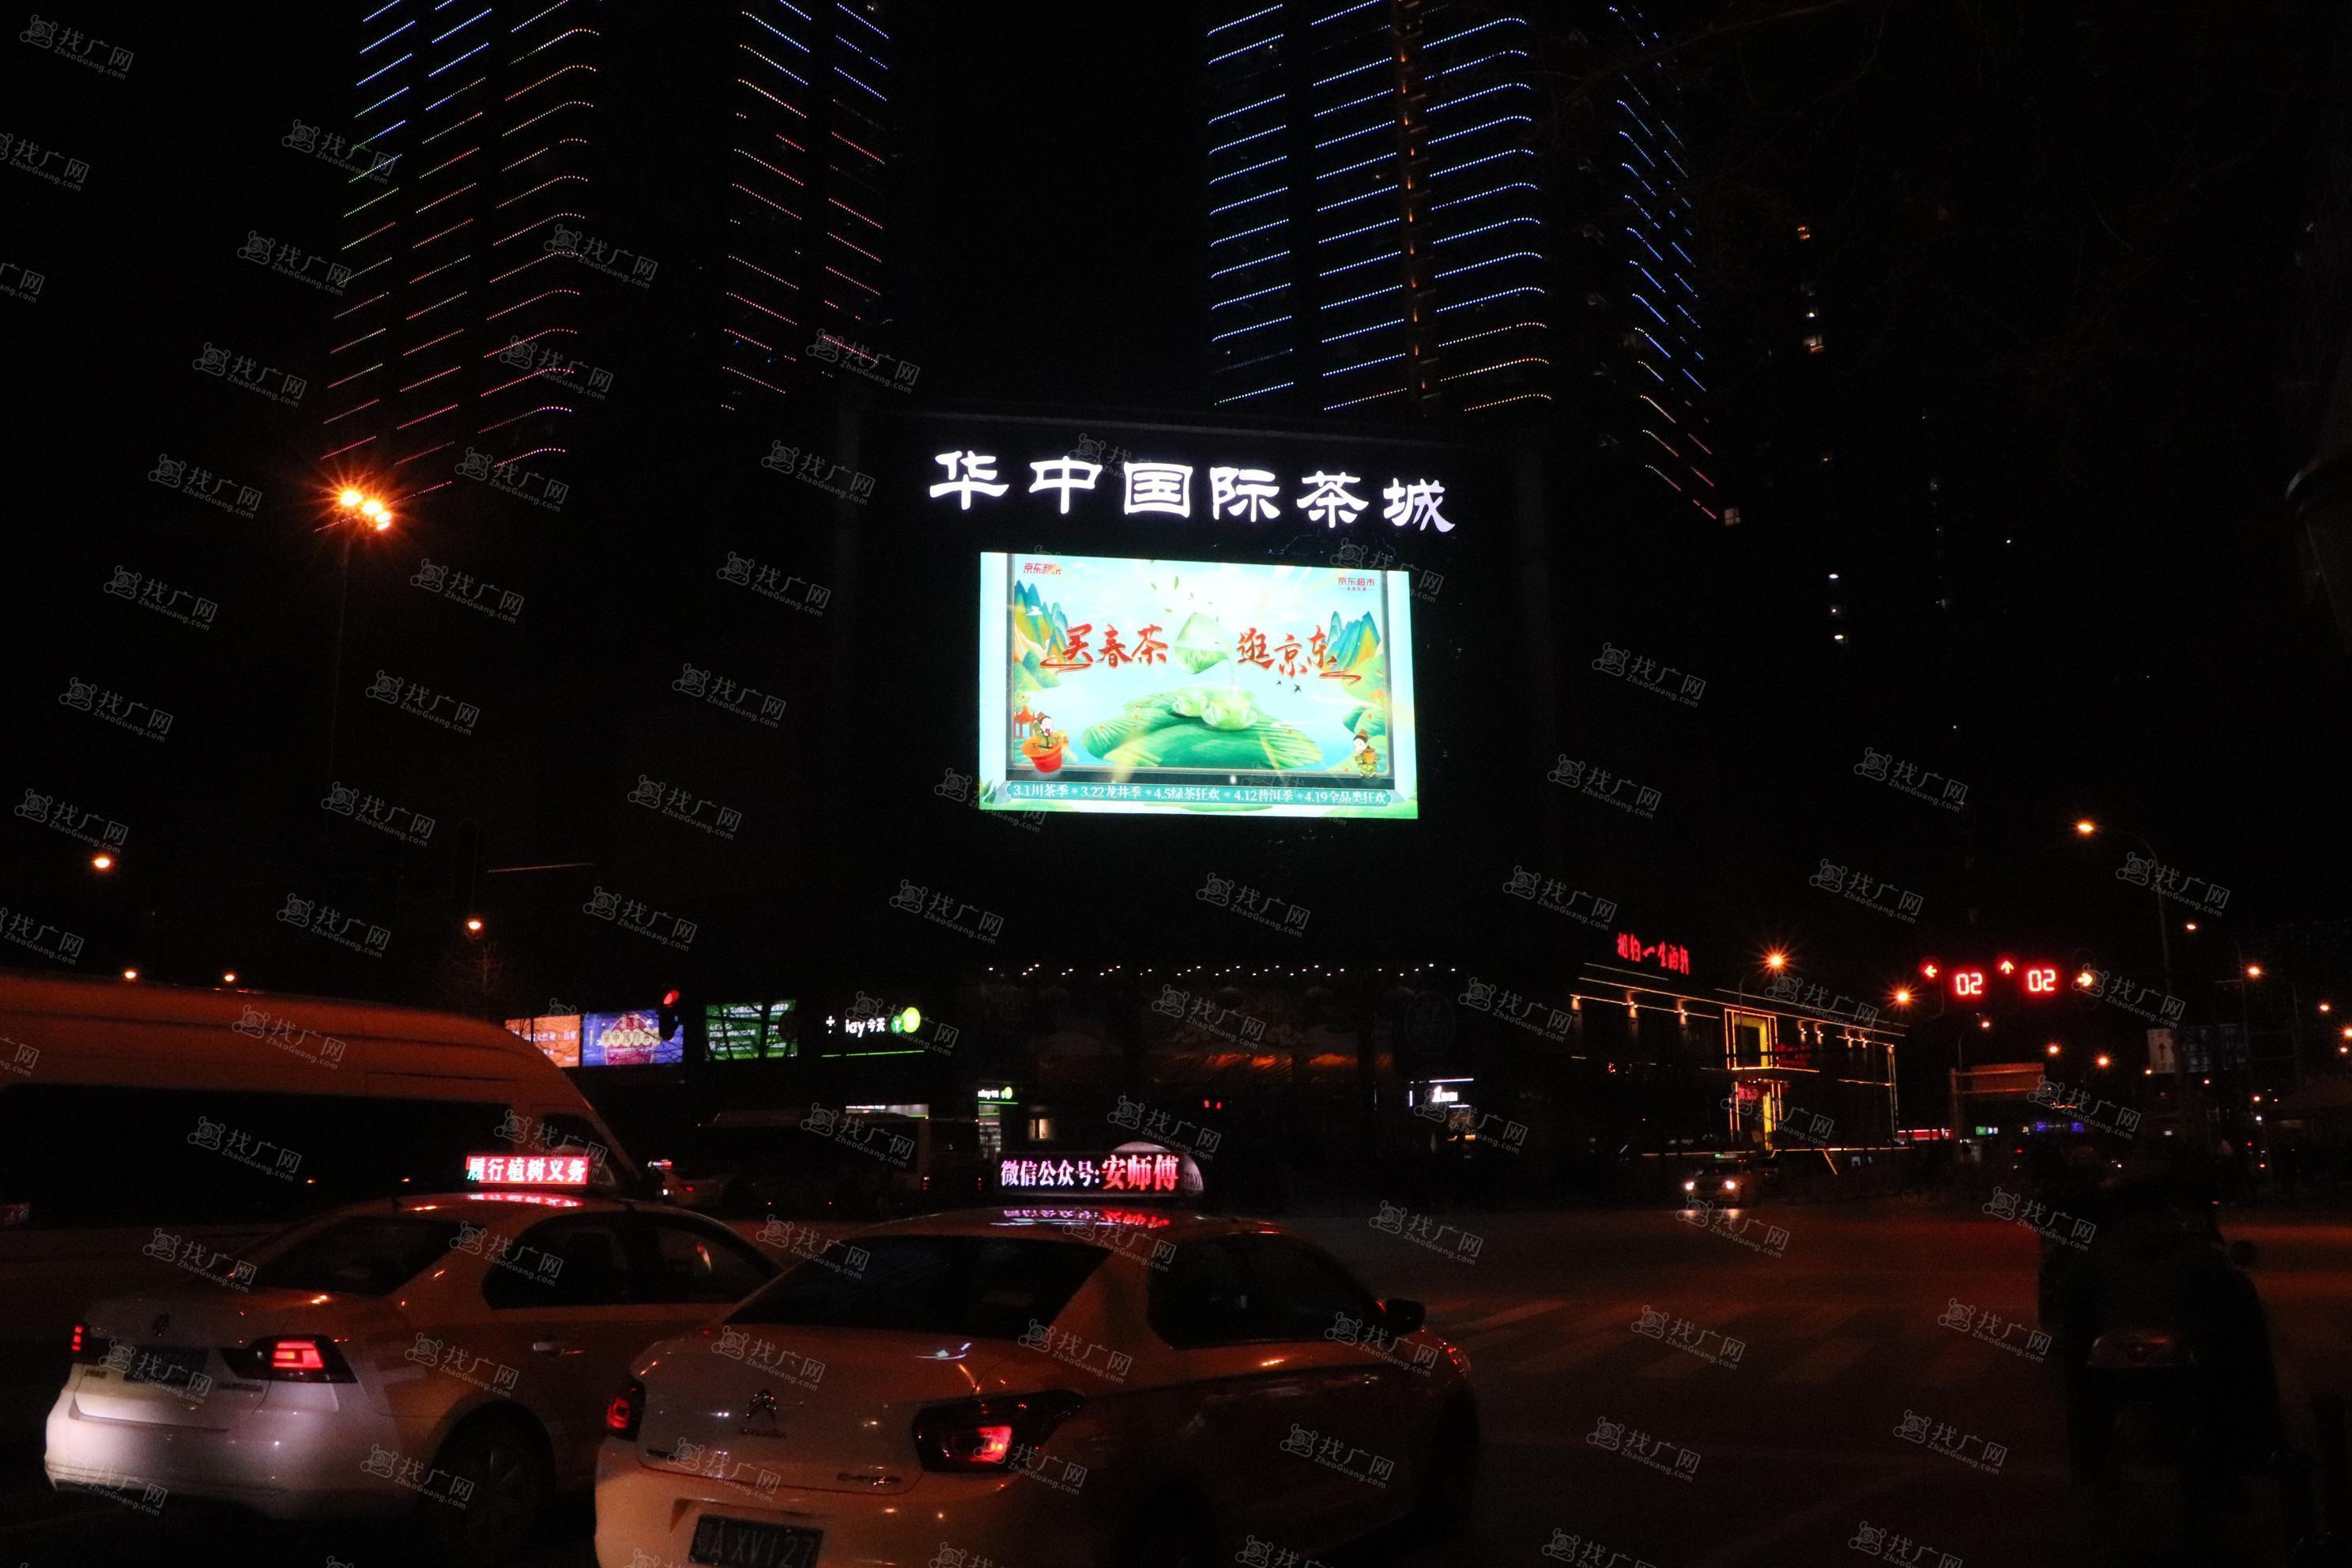 武汉市汉口核心商圈汉正街户外LED